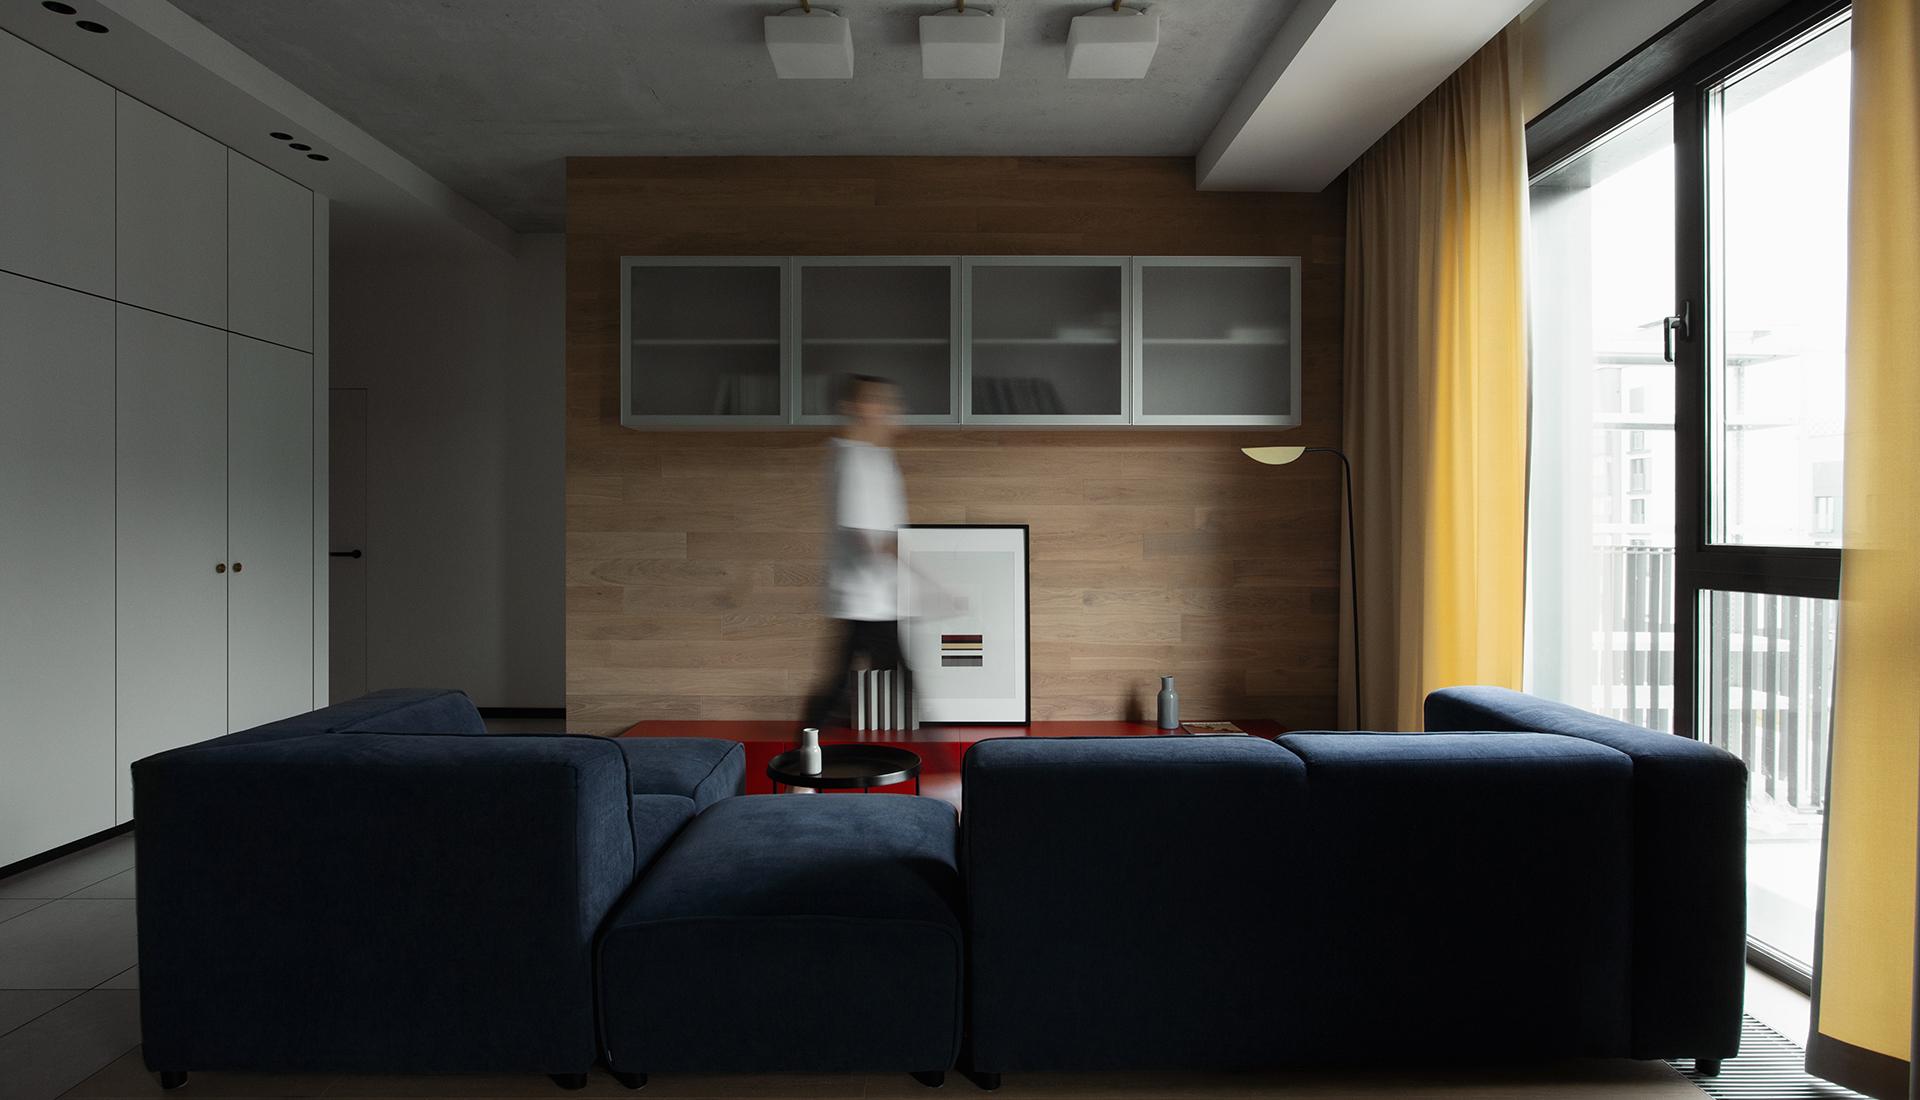 Саша Гамолин: квартира для семьи с тремя детьми в Минске